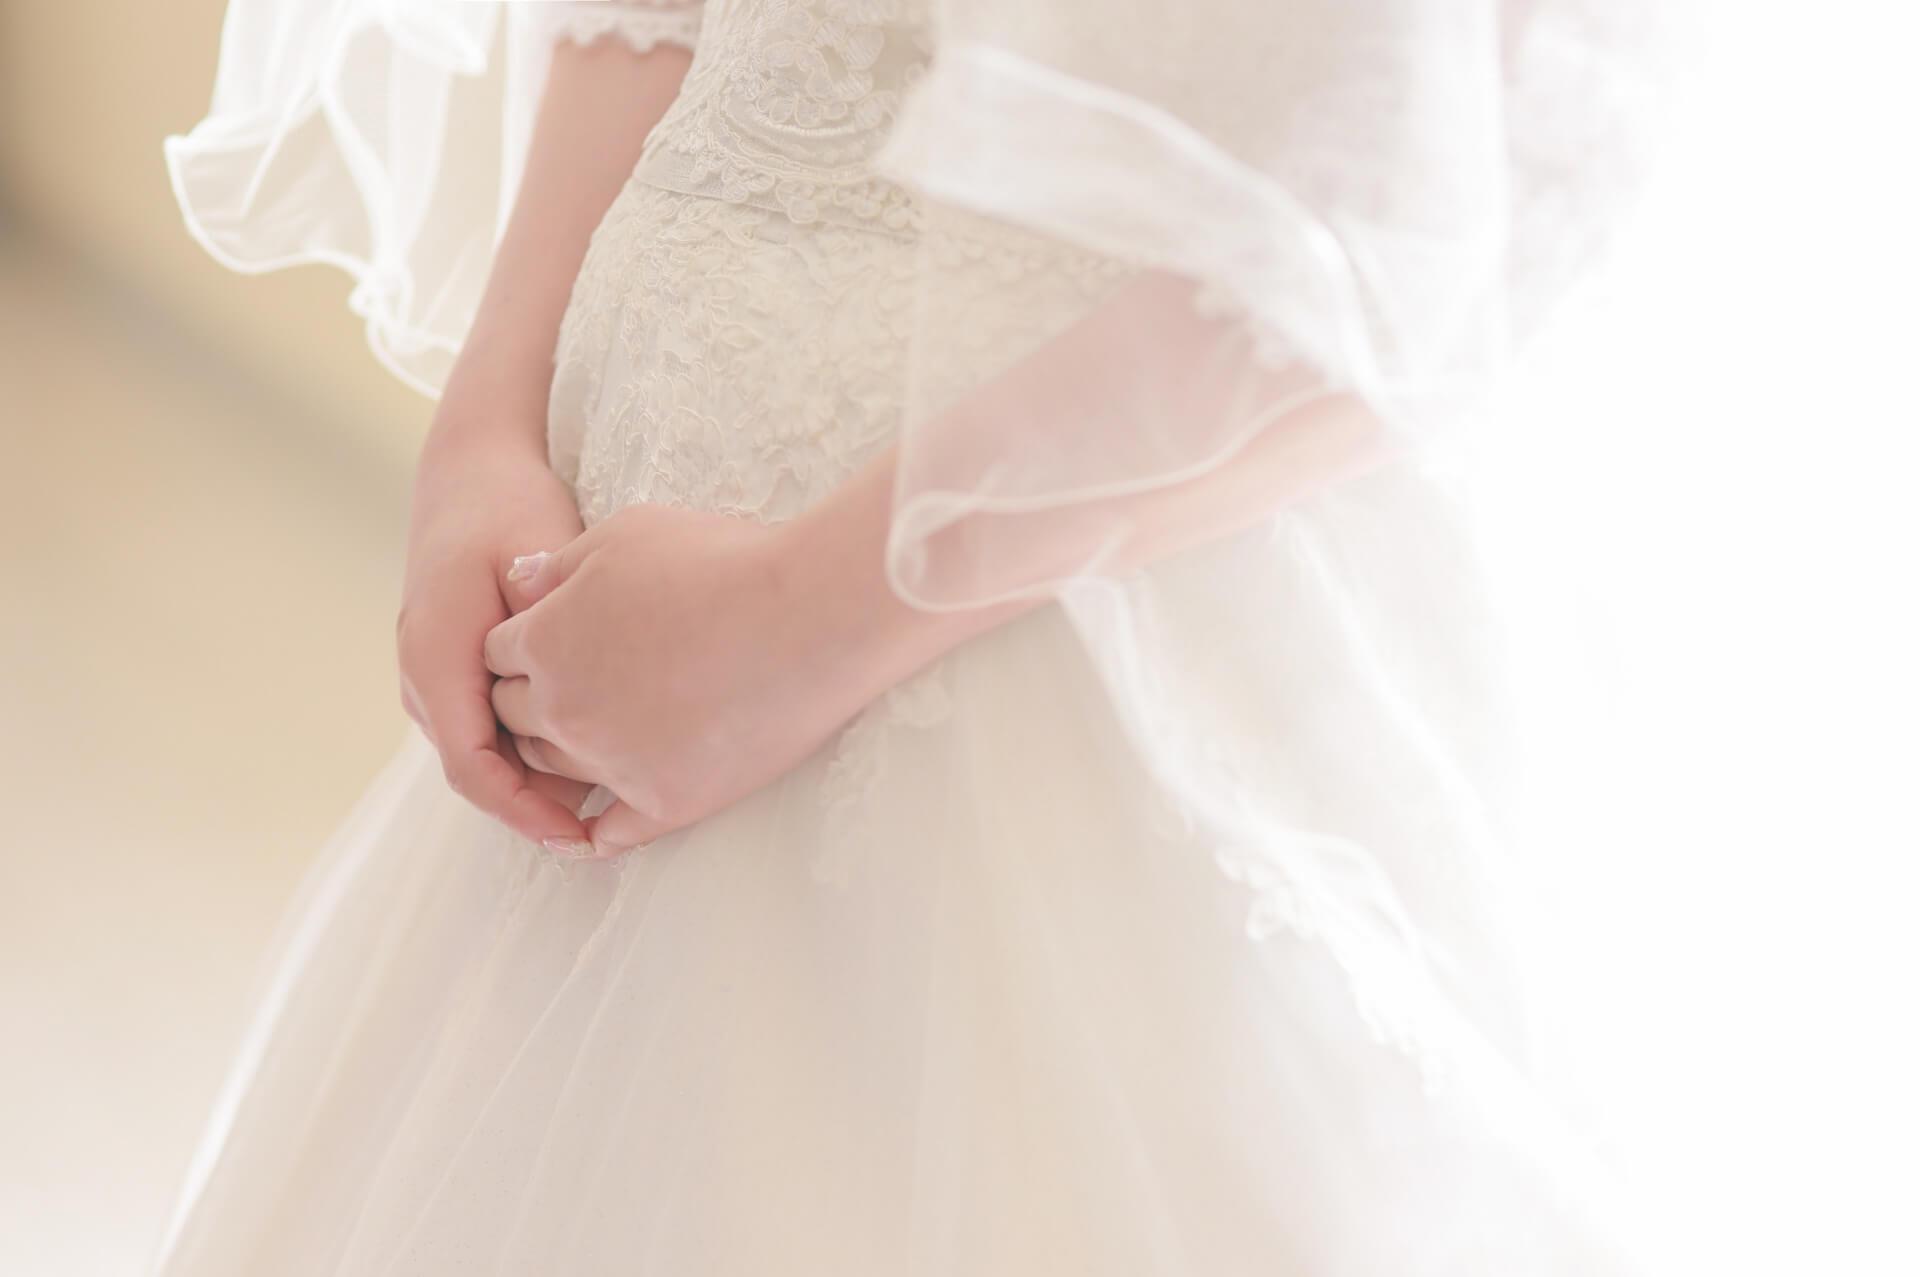 授かり婚カップルはウェディング&マタニティフォト|写真館の選び方やポーズや費用を紹介